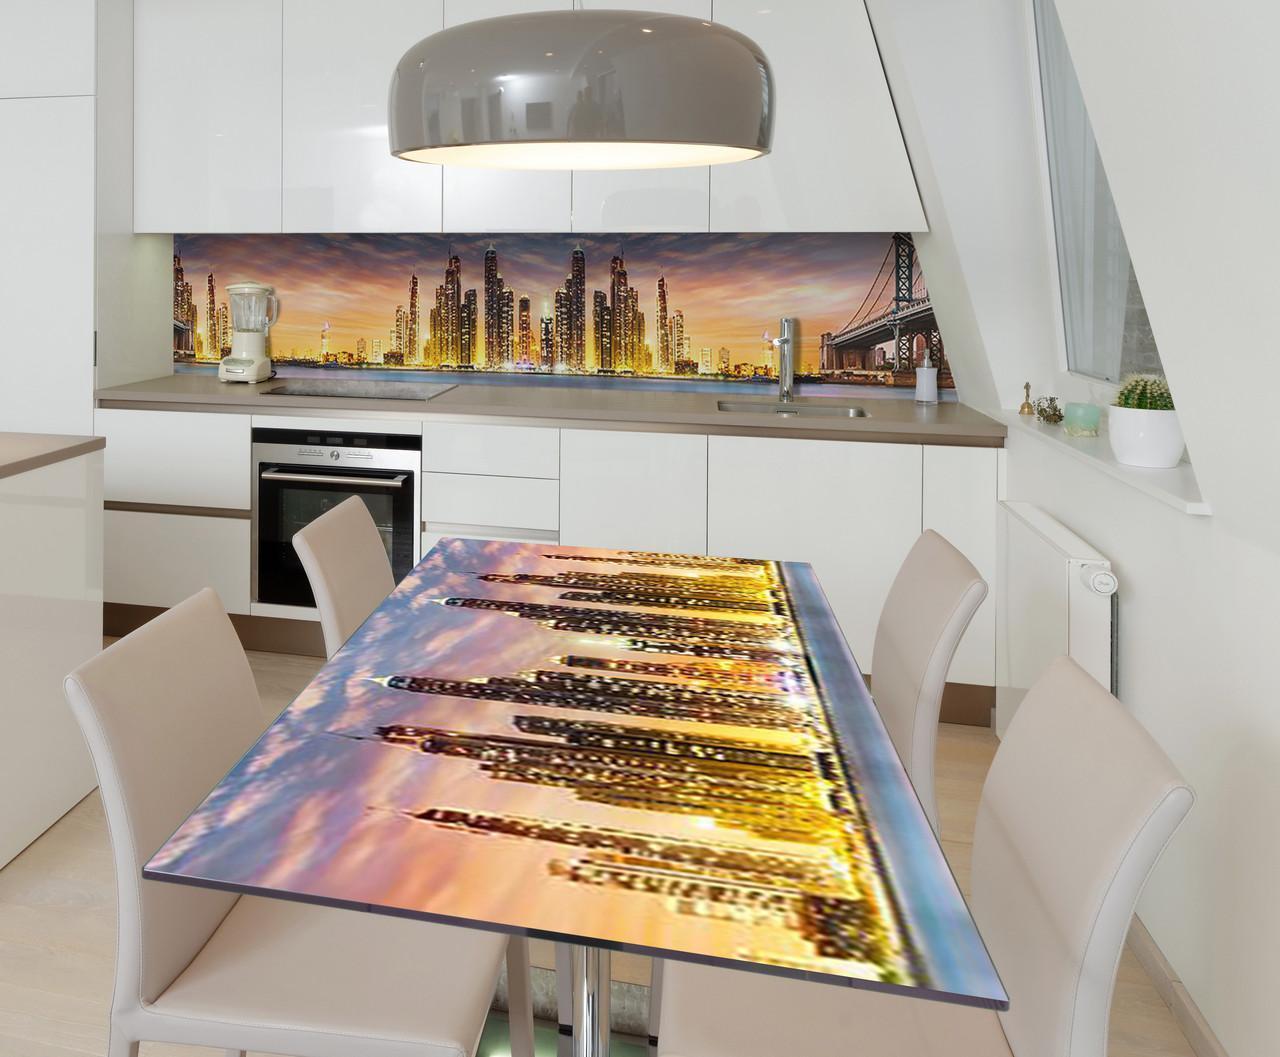 Наклейка 3Д виниловая на стол Zatarga «Сан-Франциско в огнях» 600х1200 мм для домов, квартир, столов, кофейн,